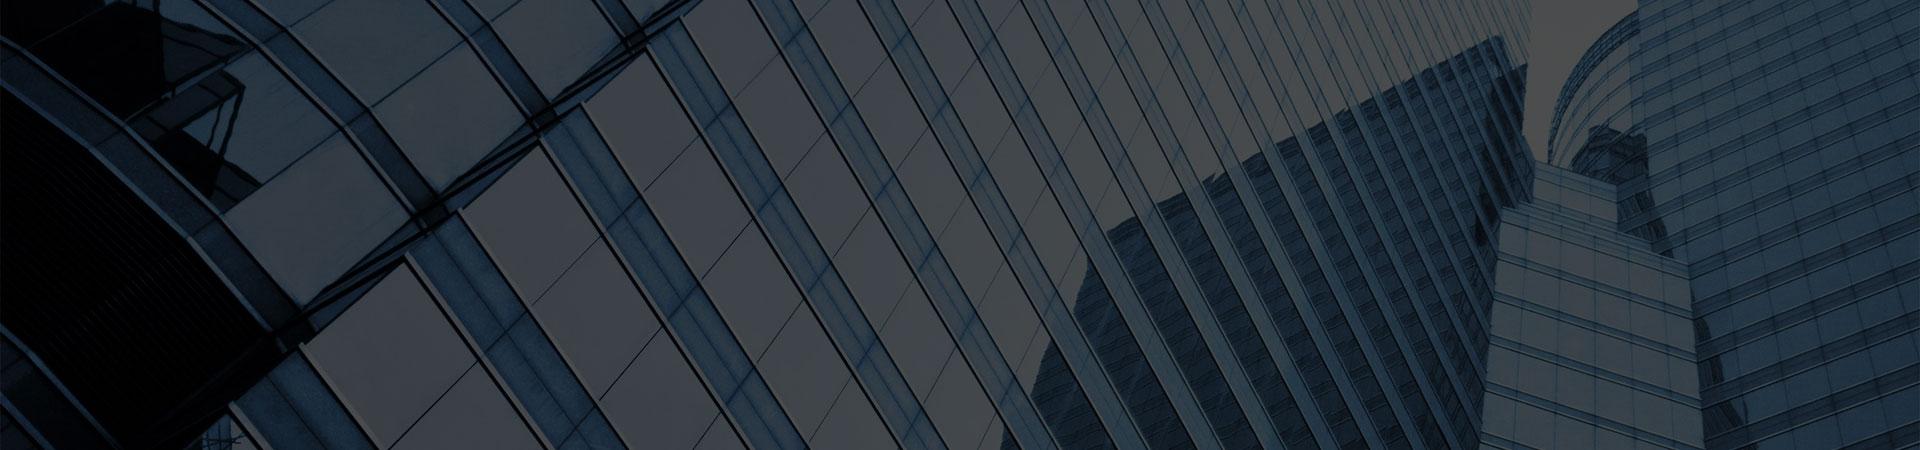 ff_rev_slider_building_bkg3